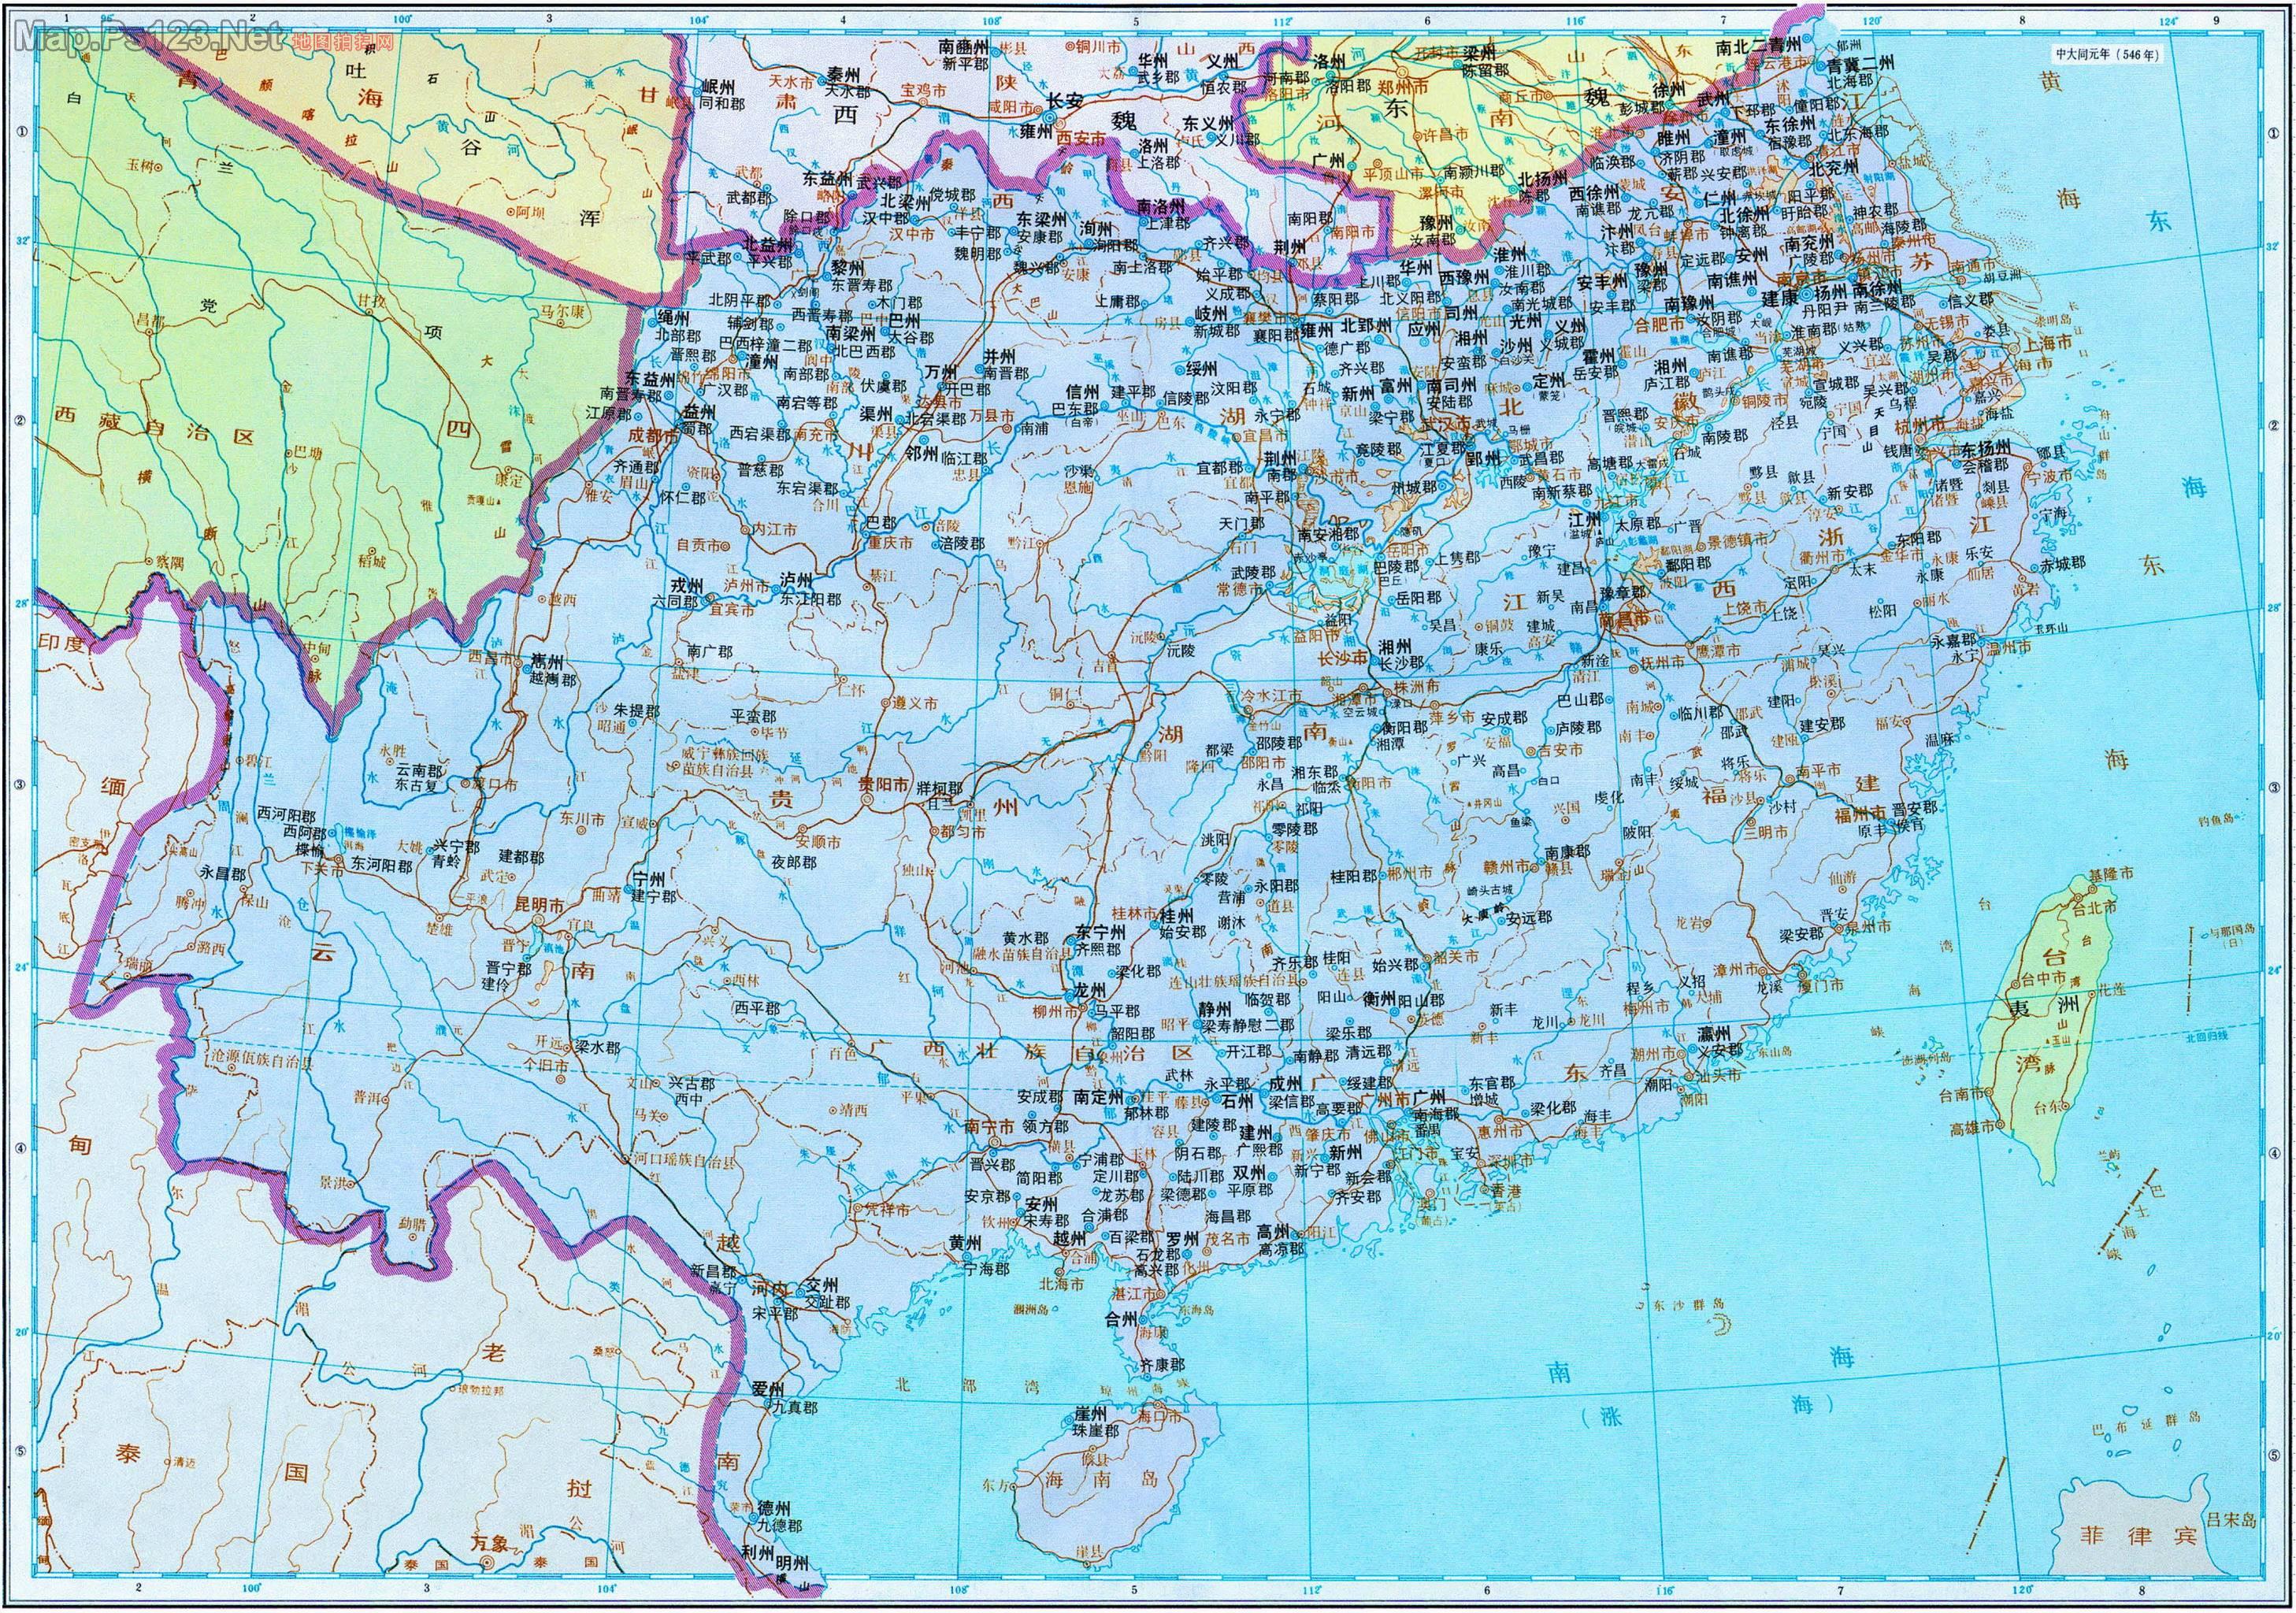 历史地图:梁(南北朝)_中国史稿地图地图库_地图窝图片